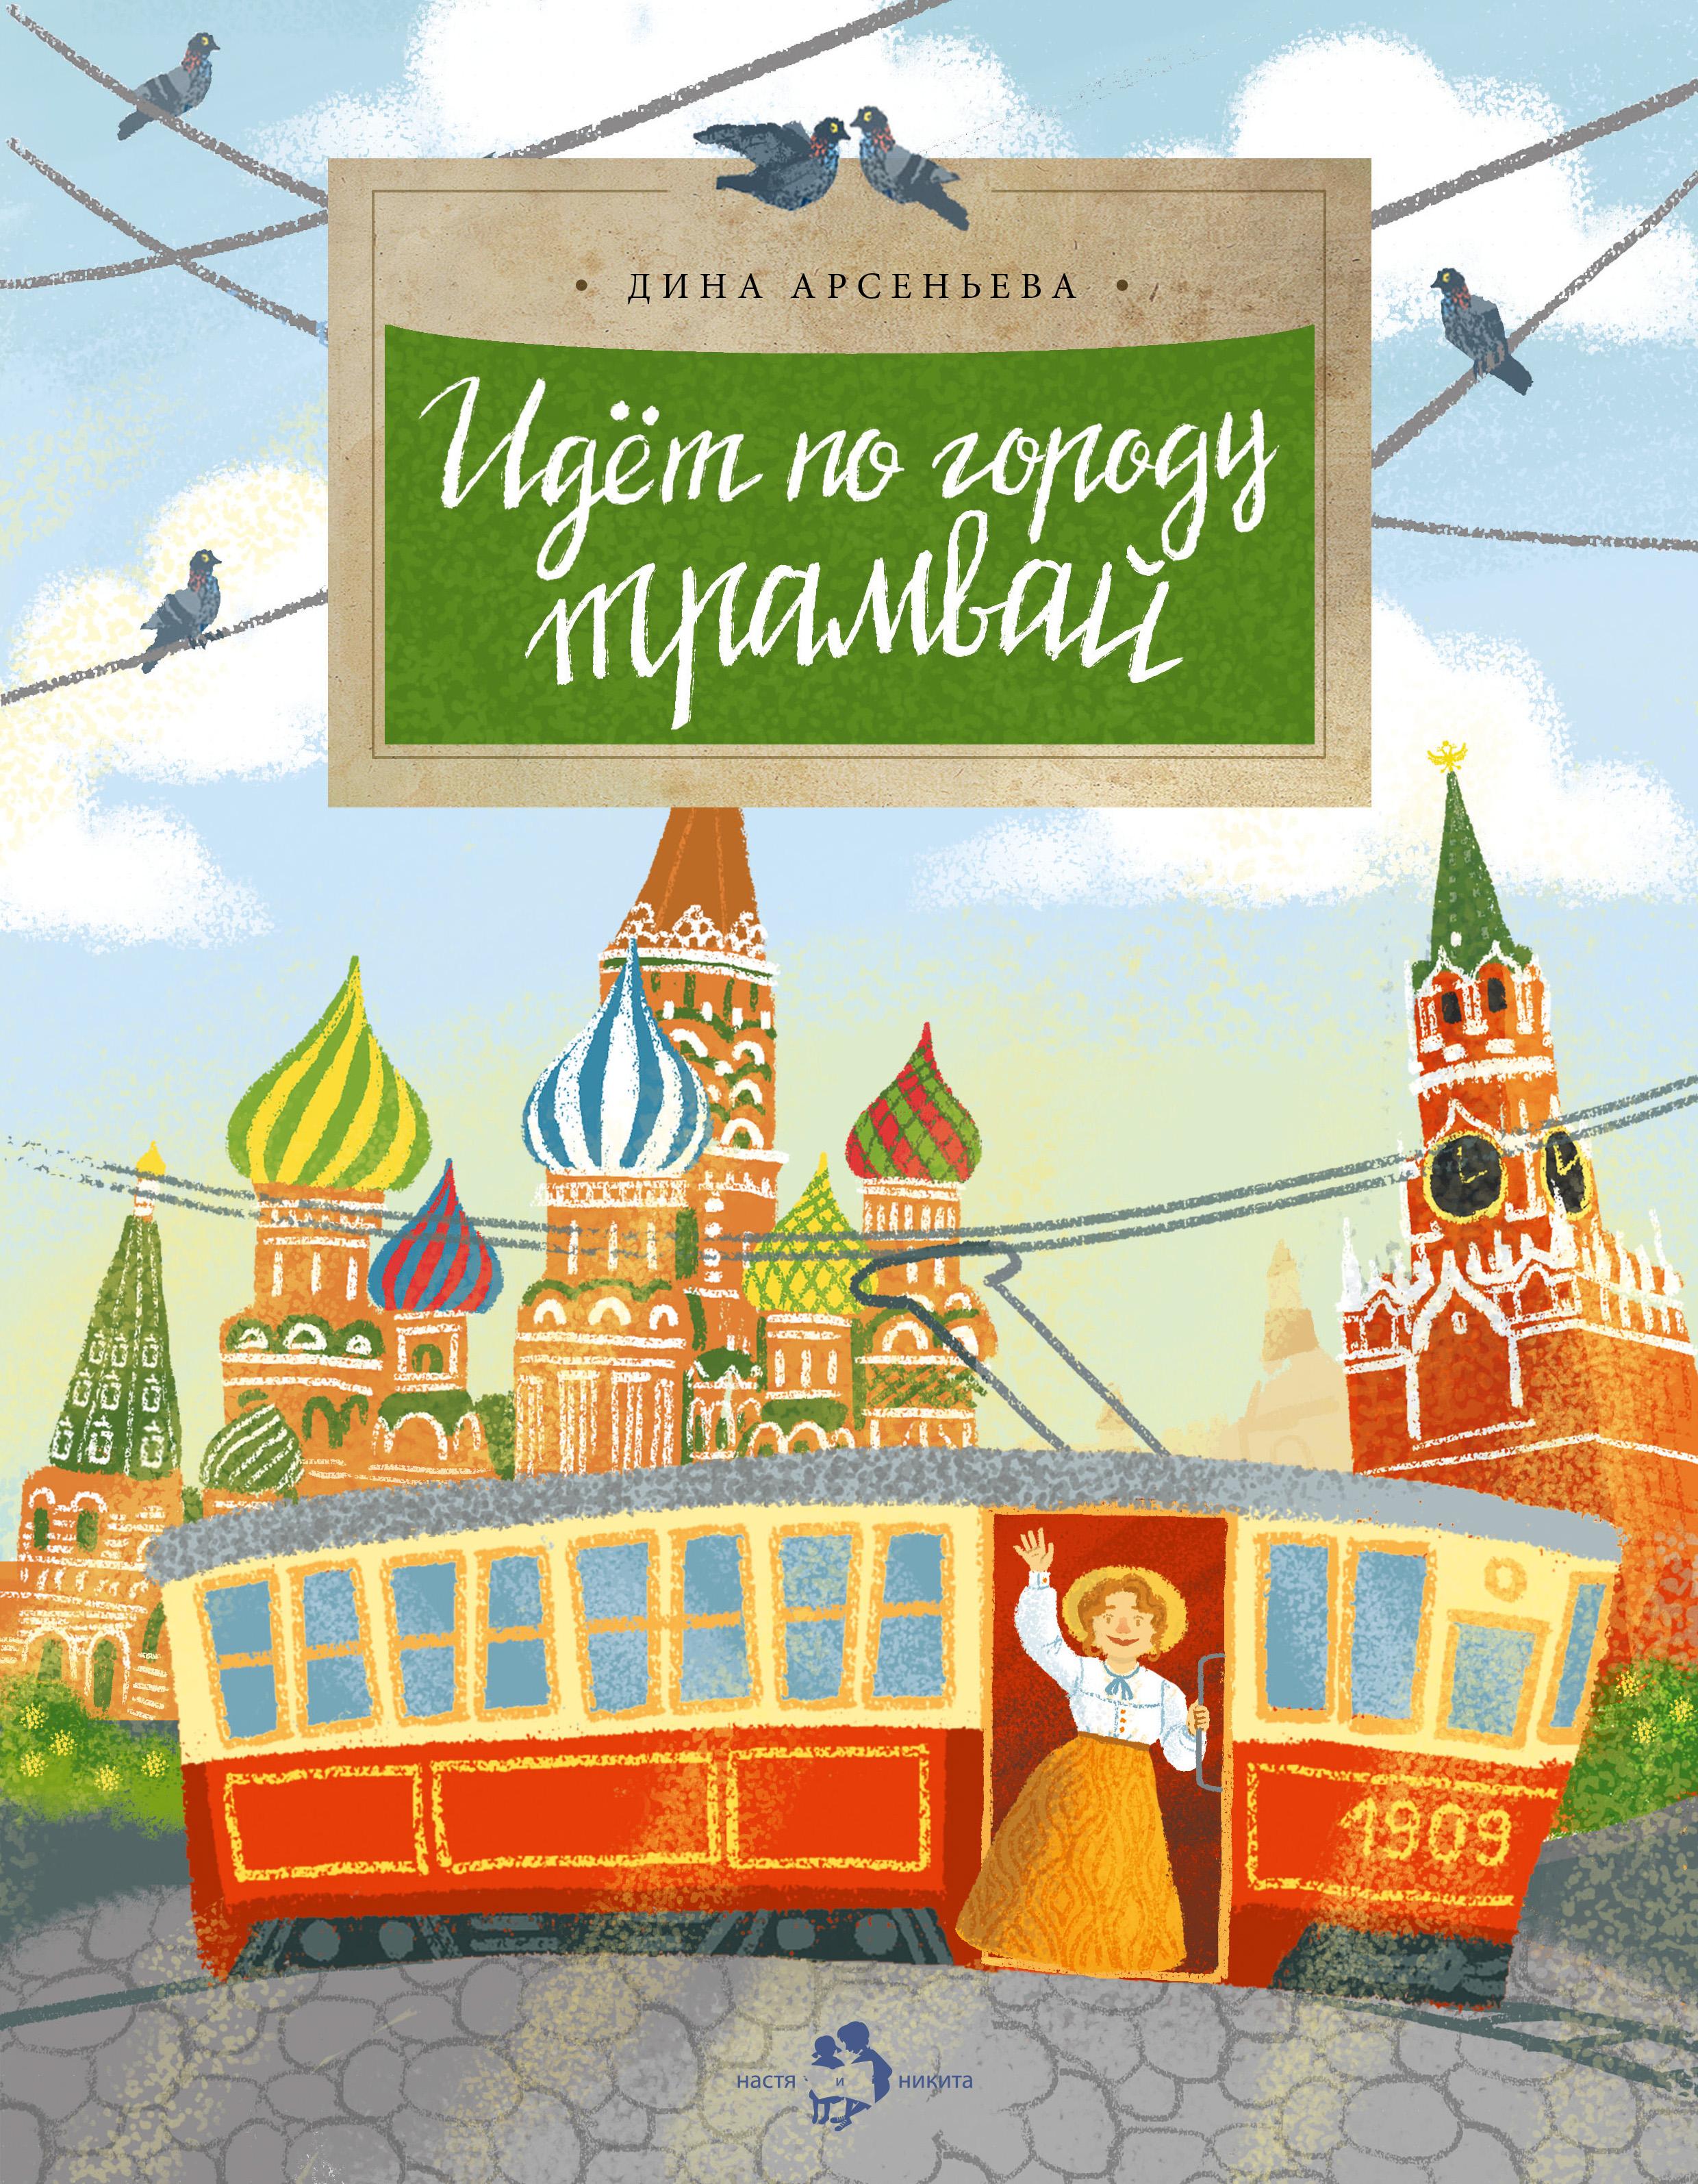 Дина Арсеньева Идет по городу трамвай трамвай желание мхт